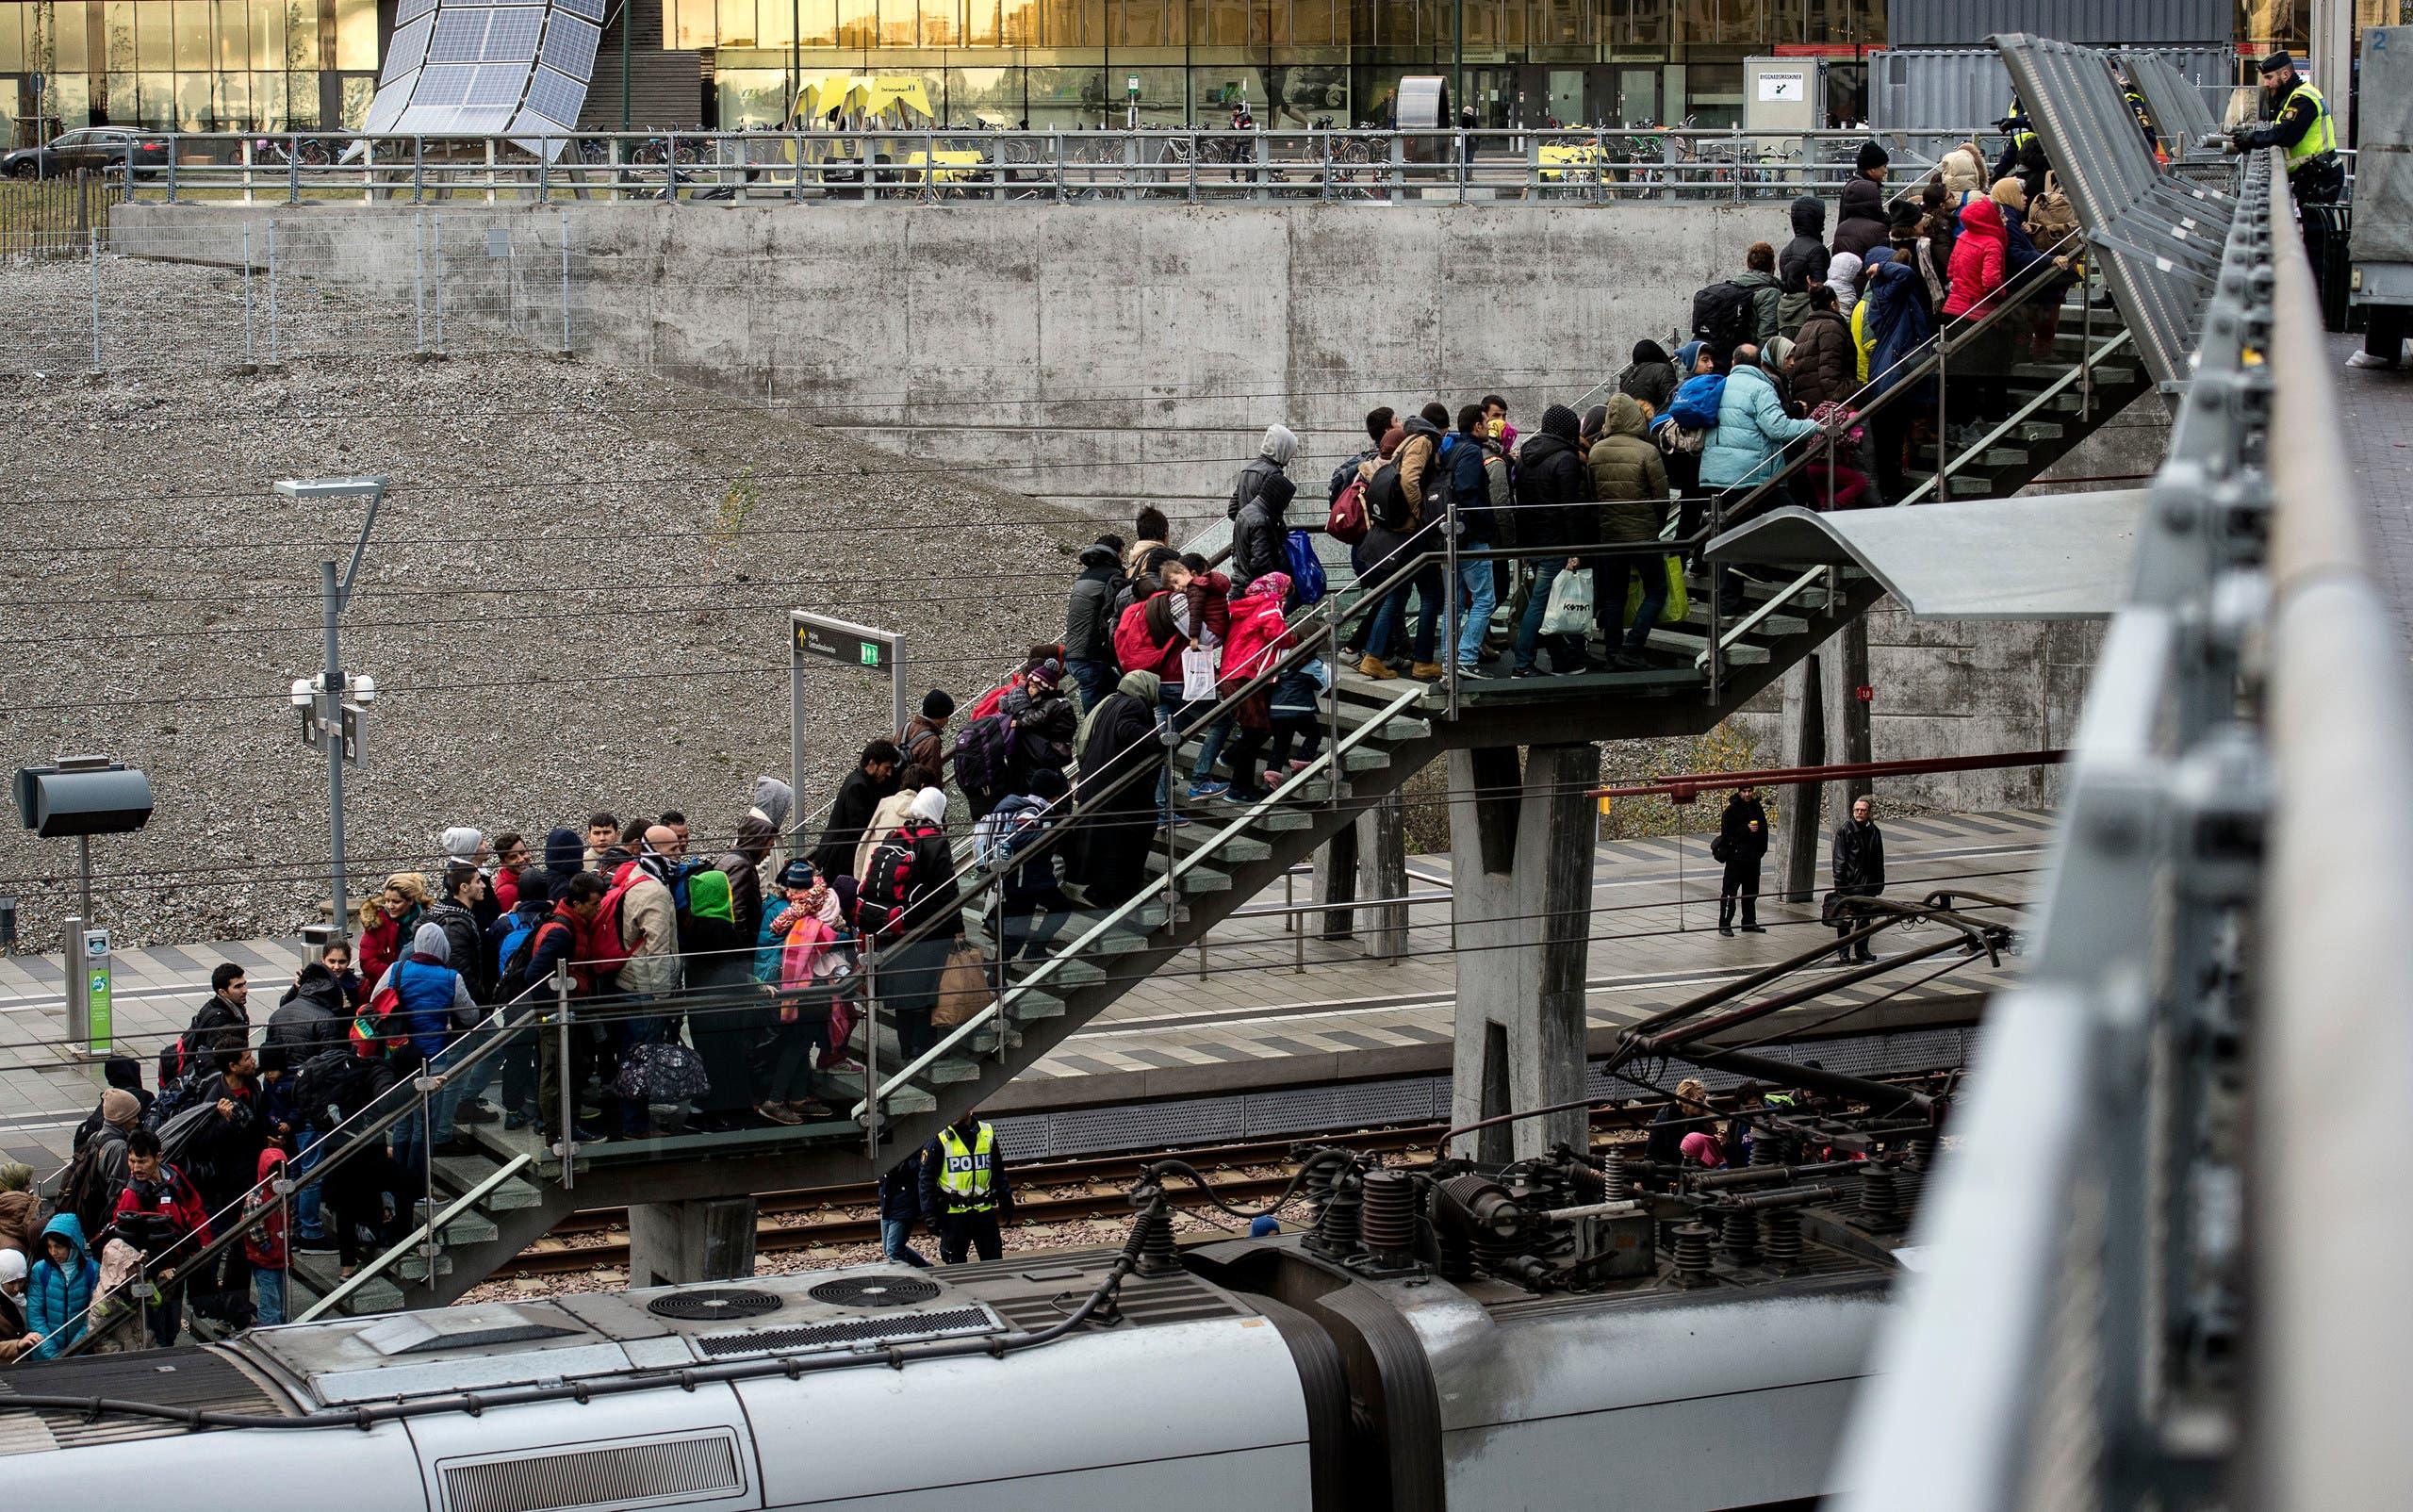 مهاجرون يغادرون الدنمارك متوجهين للسويد خلال موجة الهجرة التي شهدتها أوروبا في 2015